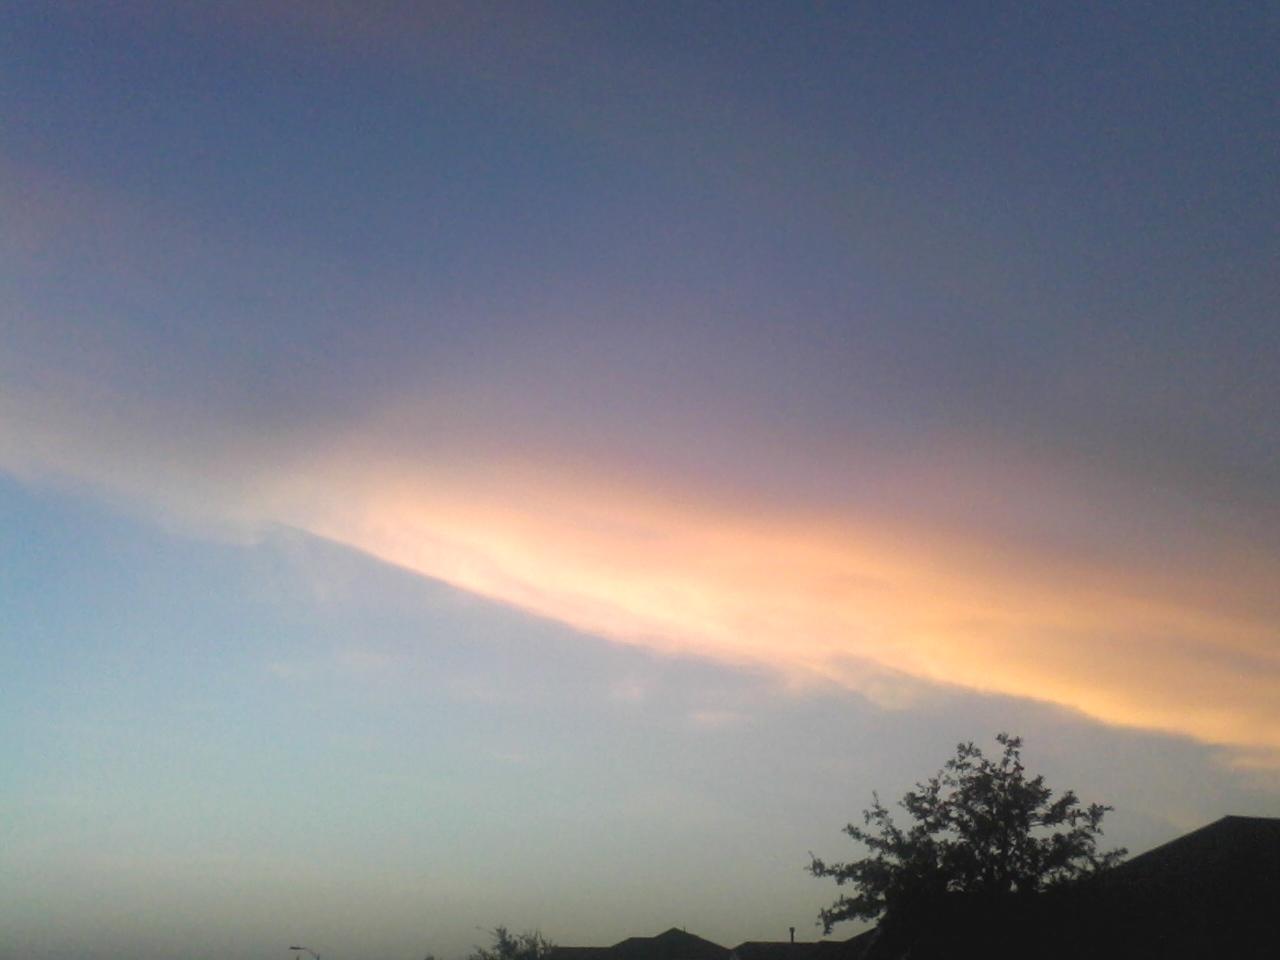 Sky - 0728202832.jpg